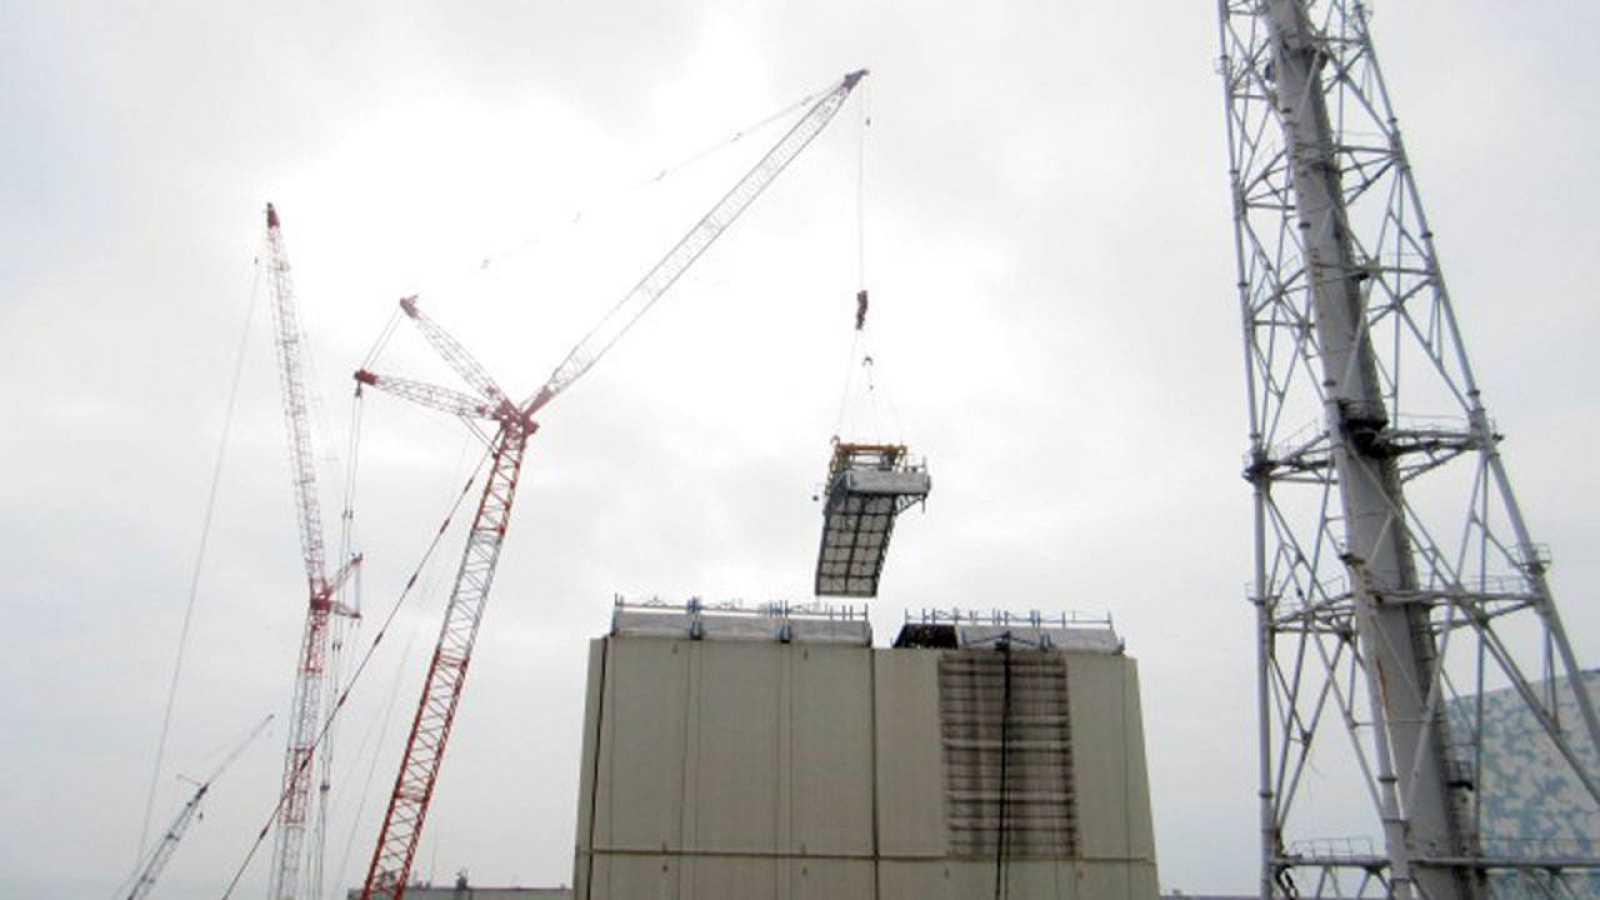 Trabajos en la central nuclear de Fukushima